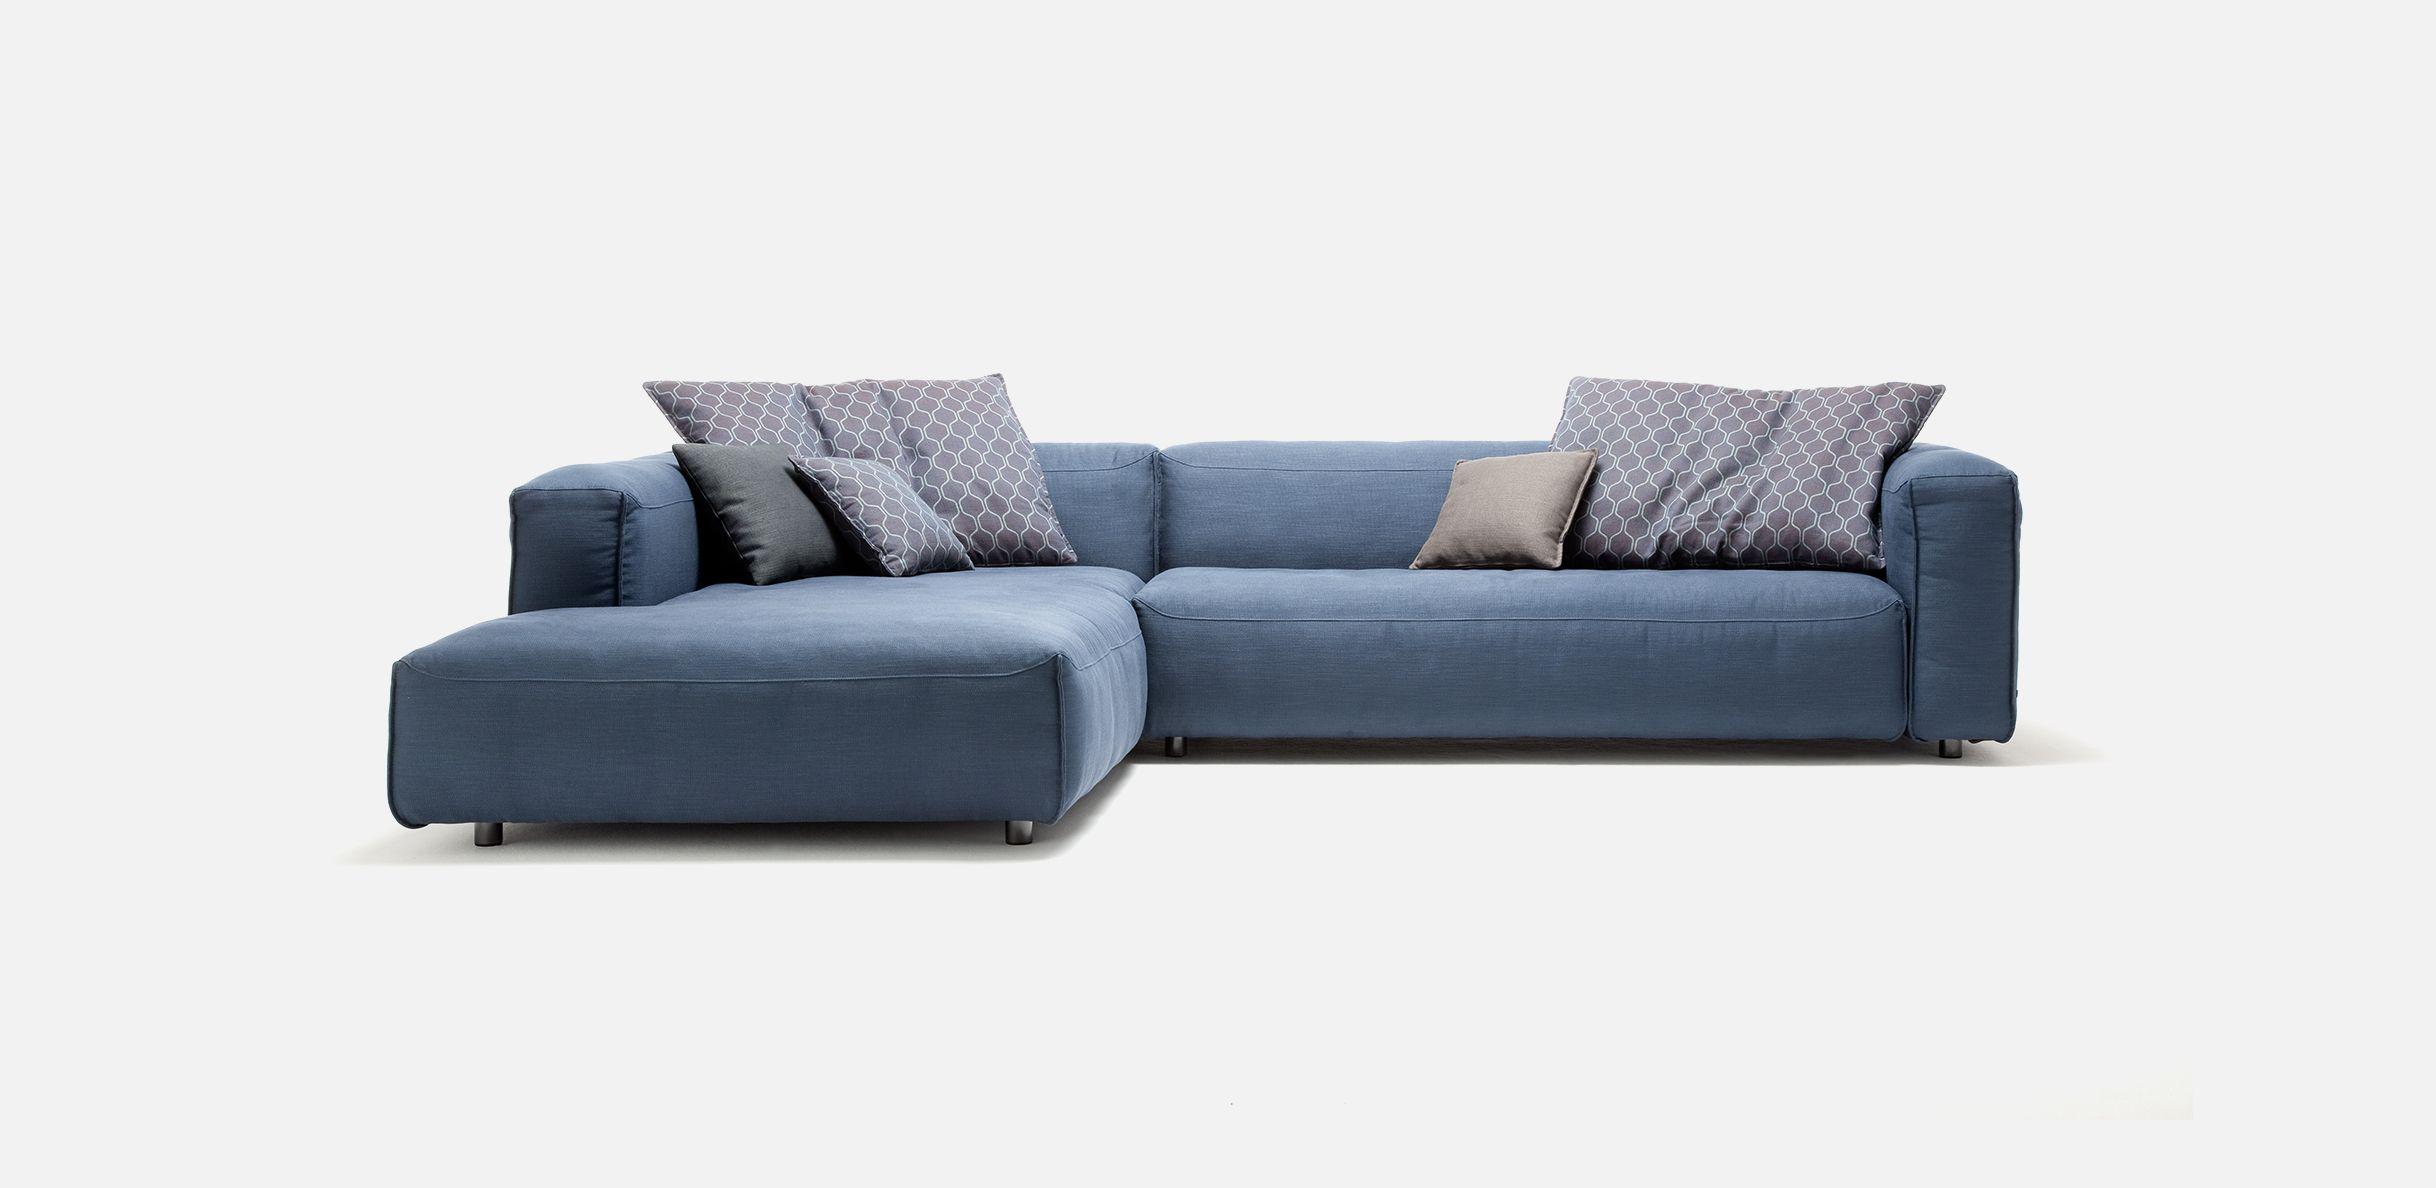 Blickfang Benz Couch Beste Wahl Rolf Mio - Google Zoeken